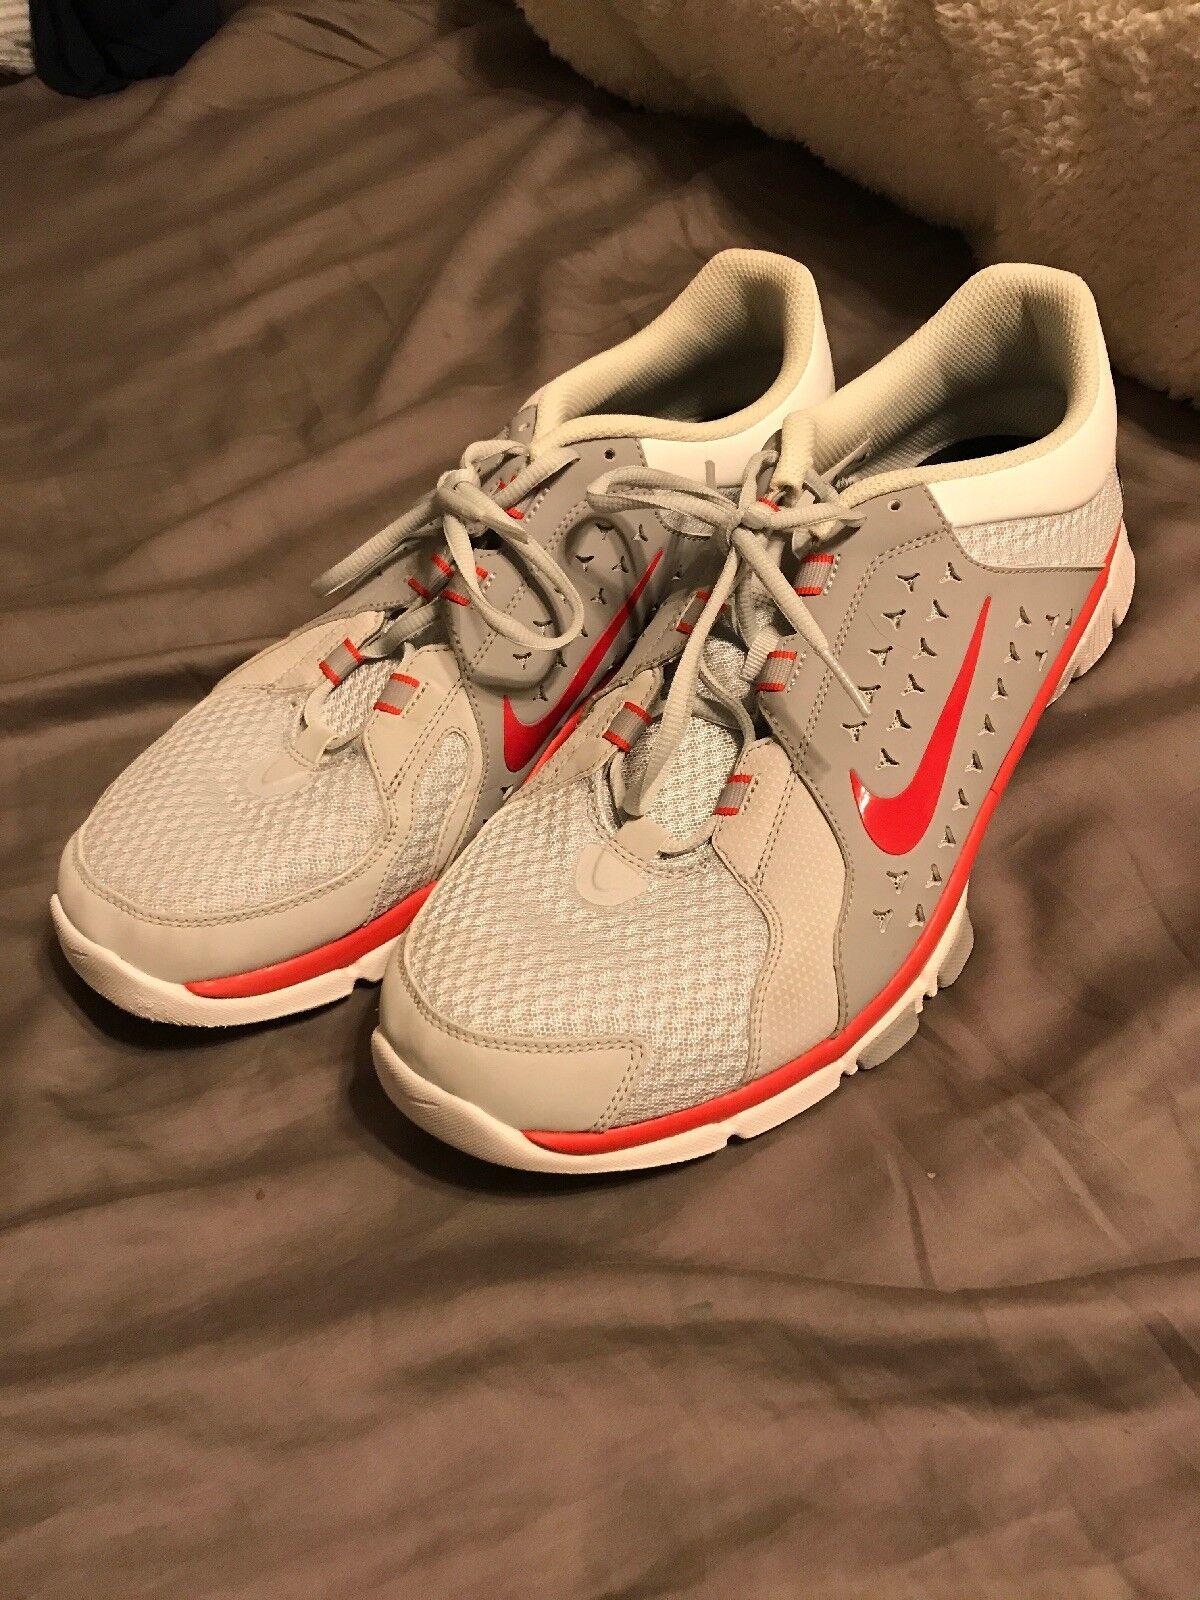 c952b65194d559 Mens nike flex supremo tr dimensioni dimensioni dimensioni 13 scarpe da  corsa 525730-003 grigio rosso ...